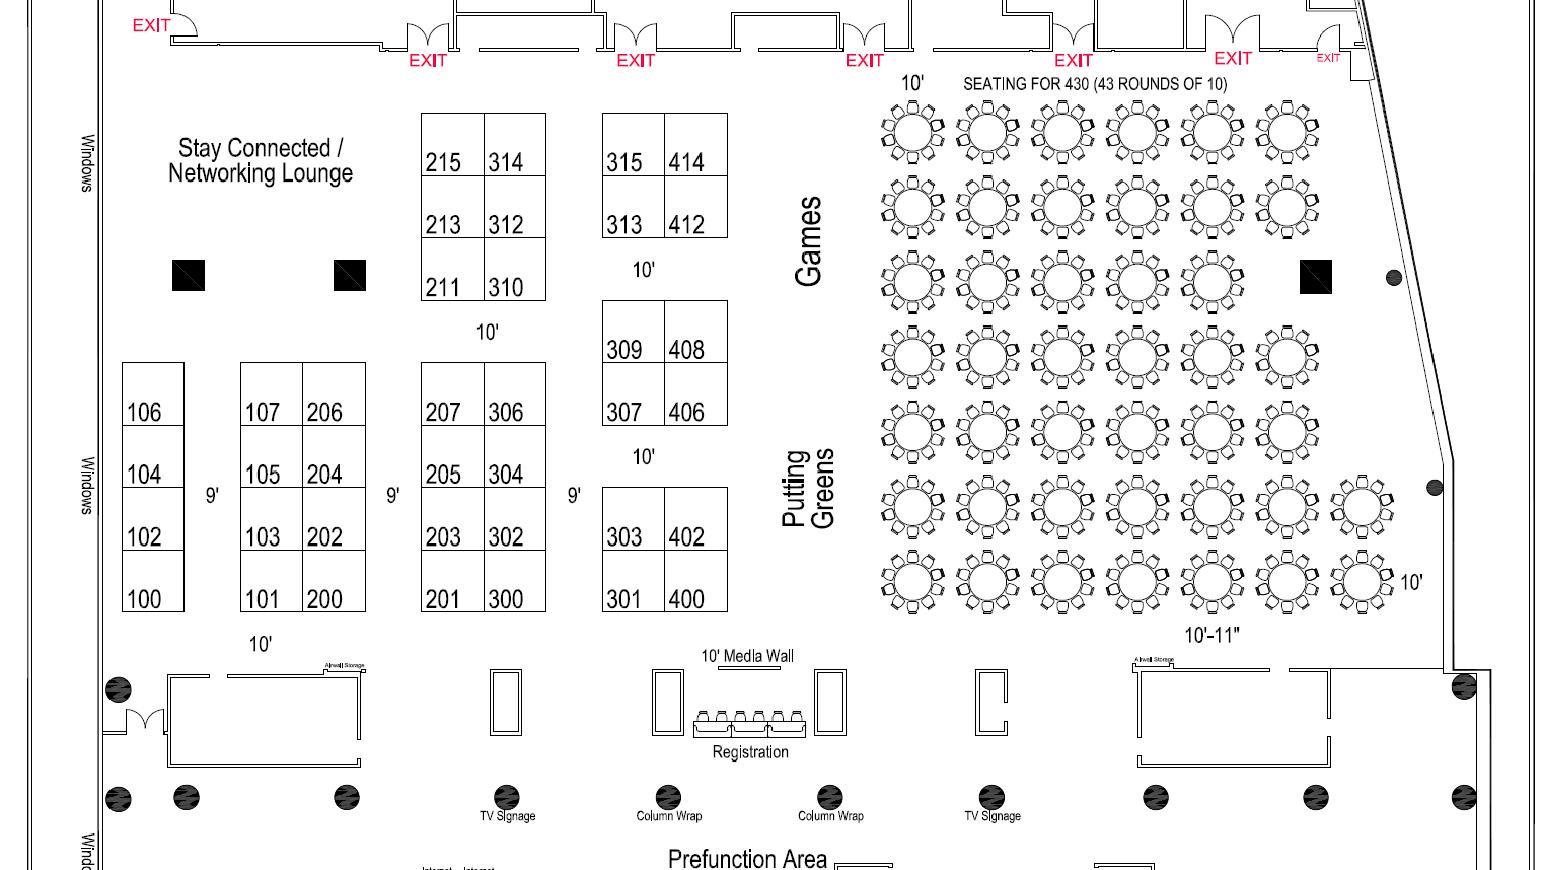 rrc 2019 floorplan.png